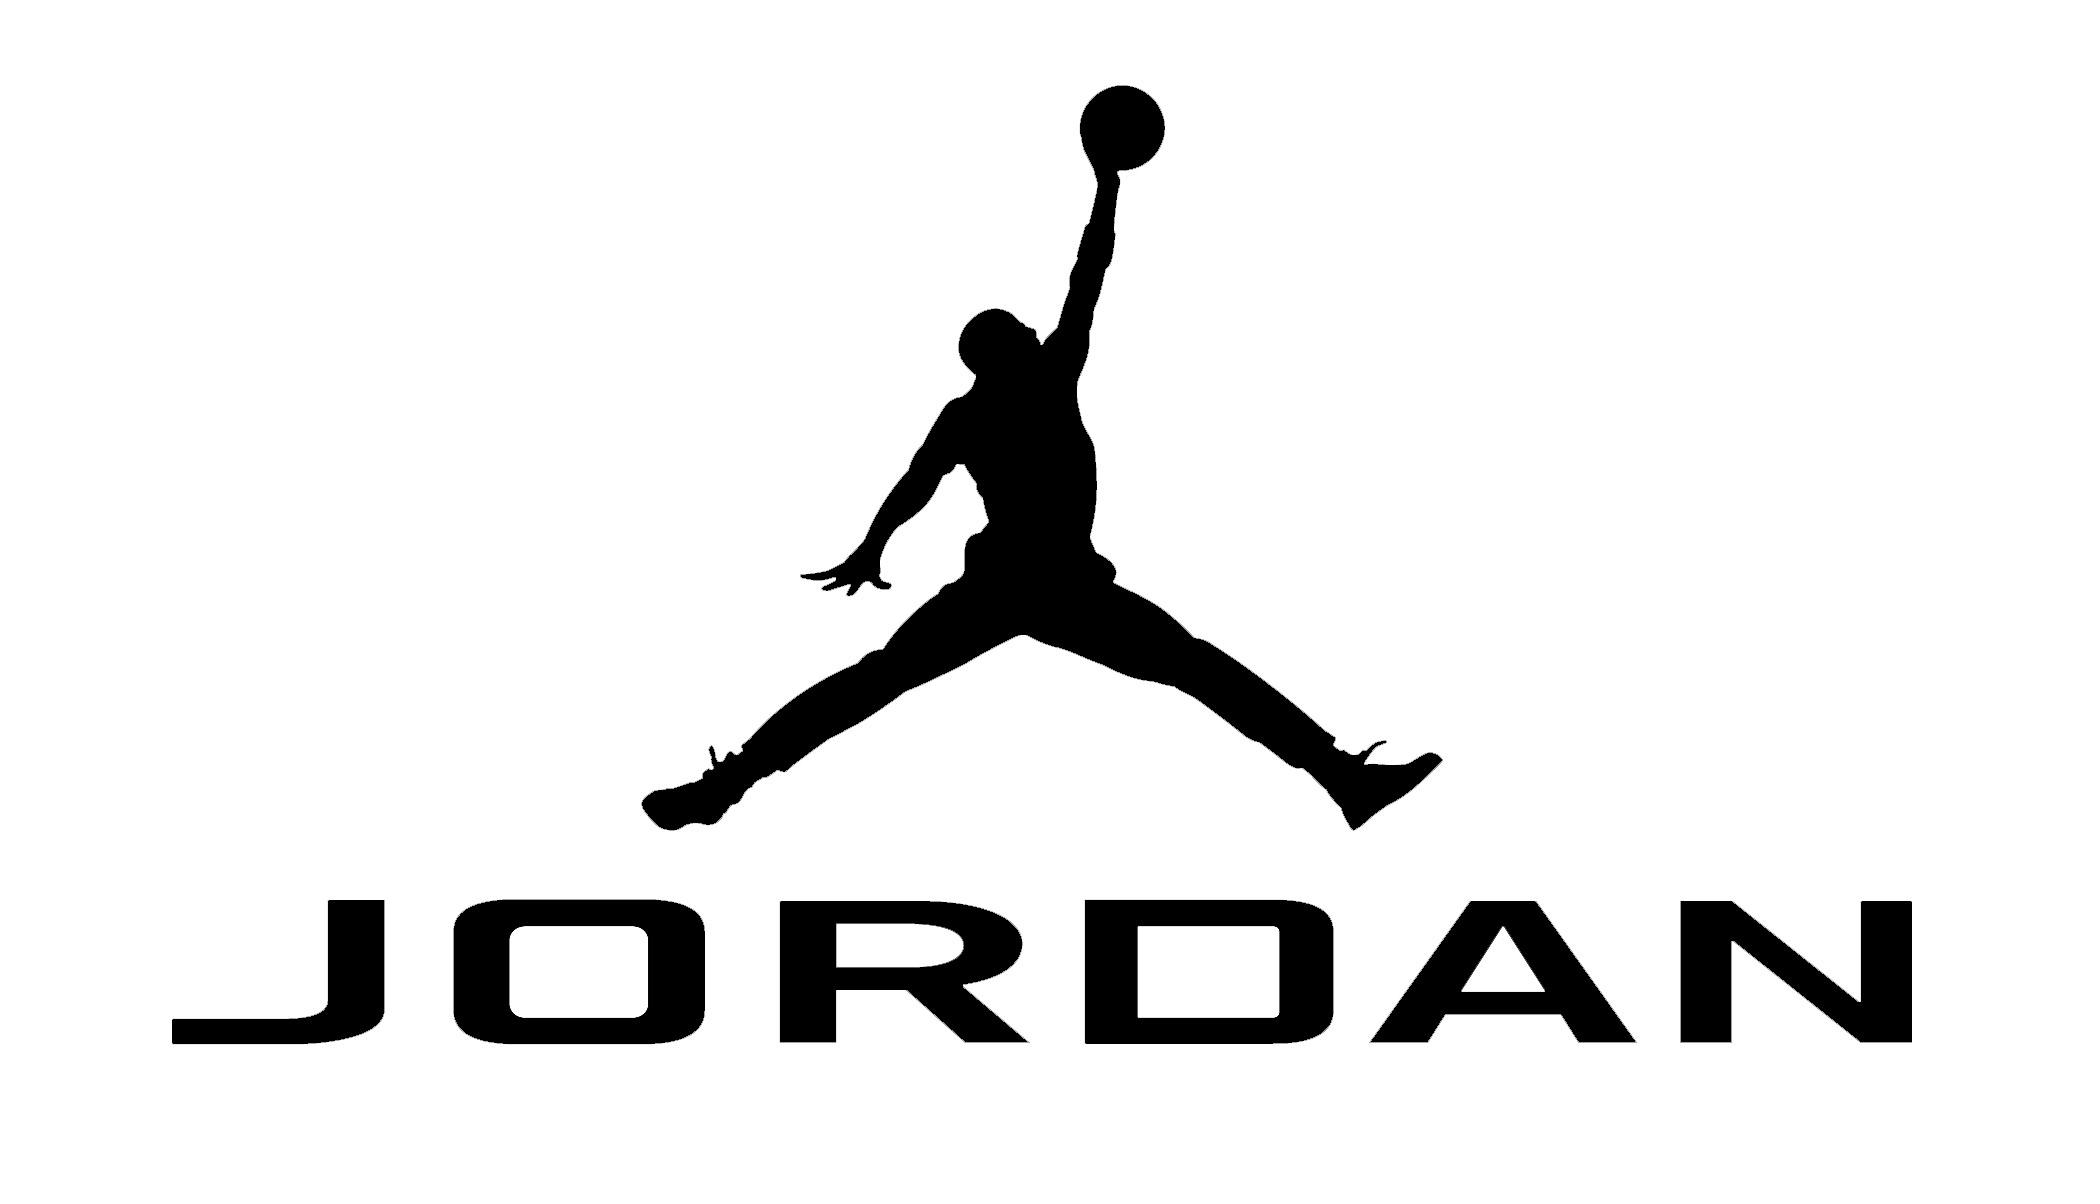 Michael Jordan Logo Air jordan 2100x1204